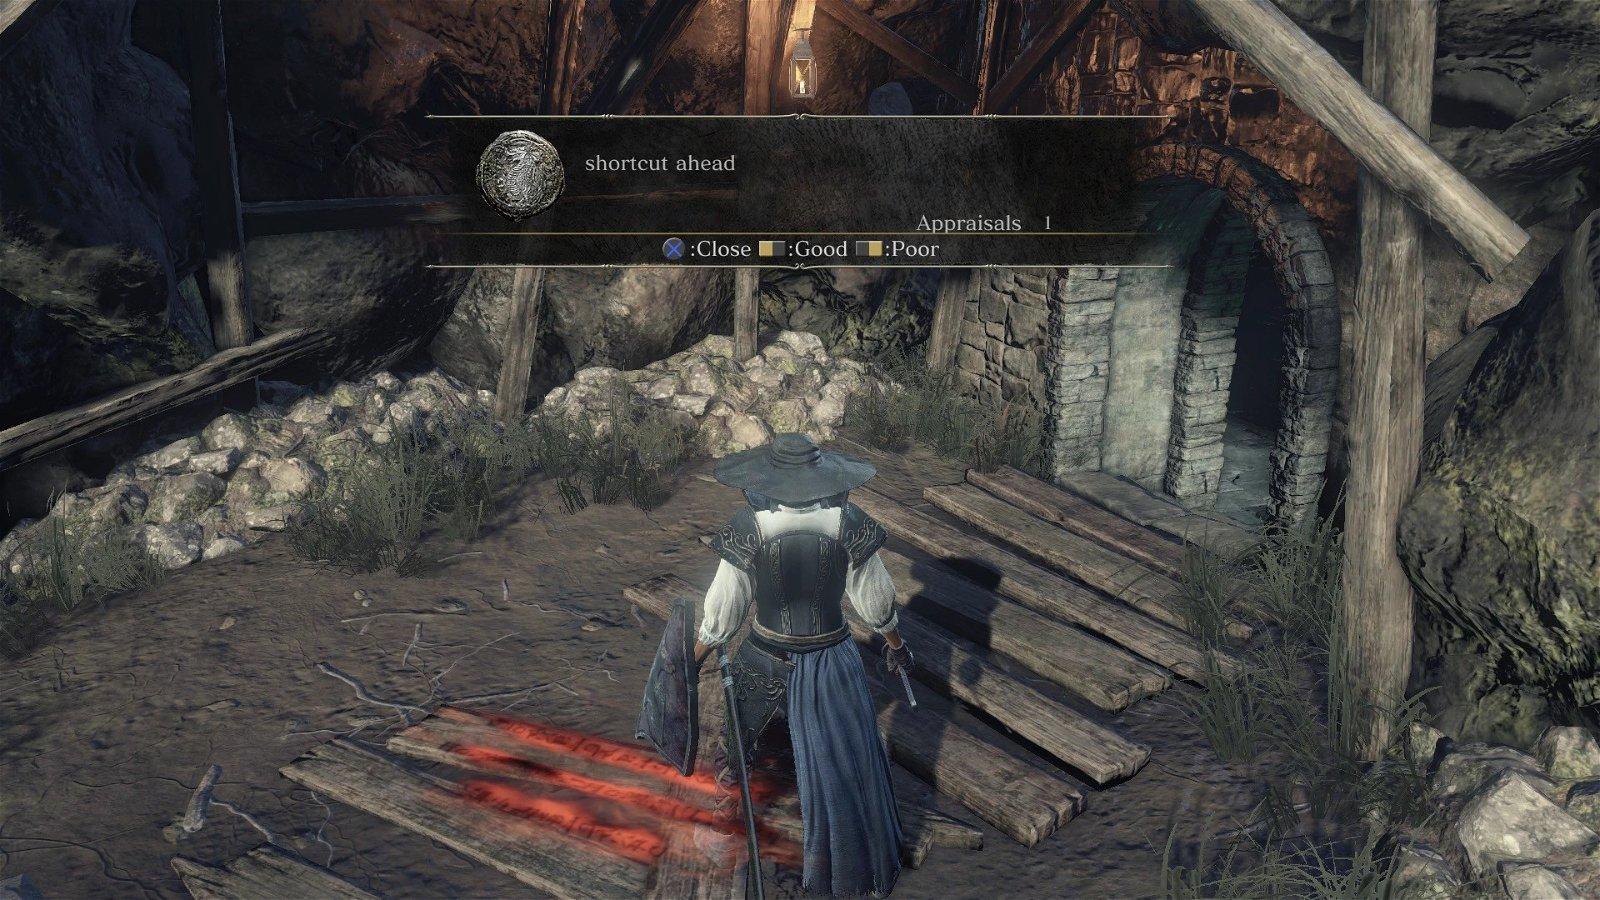 Los mensajes de advertencia en videojuegos más originales de la historia